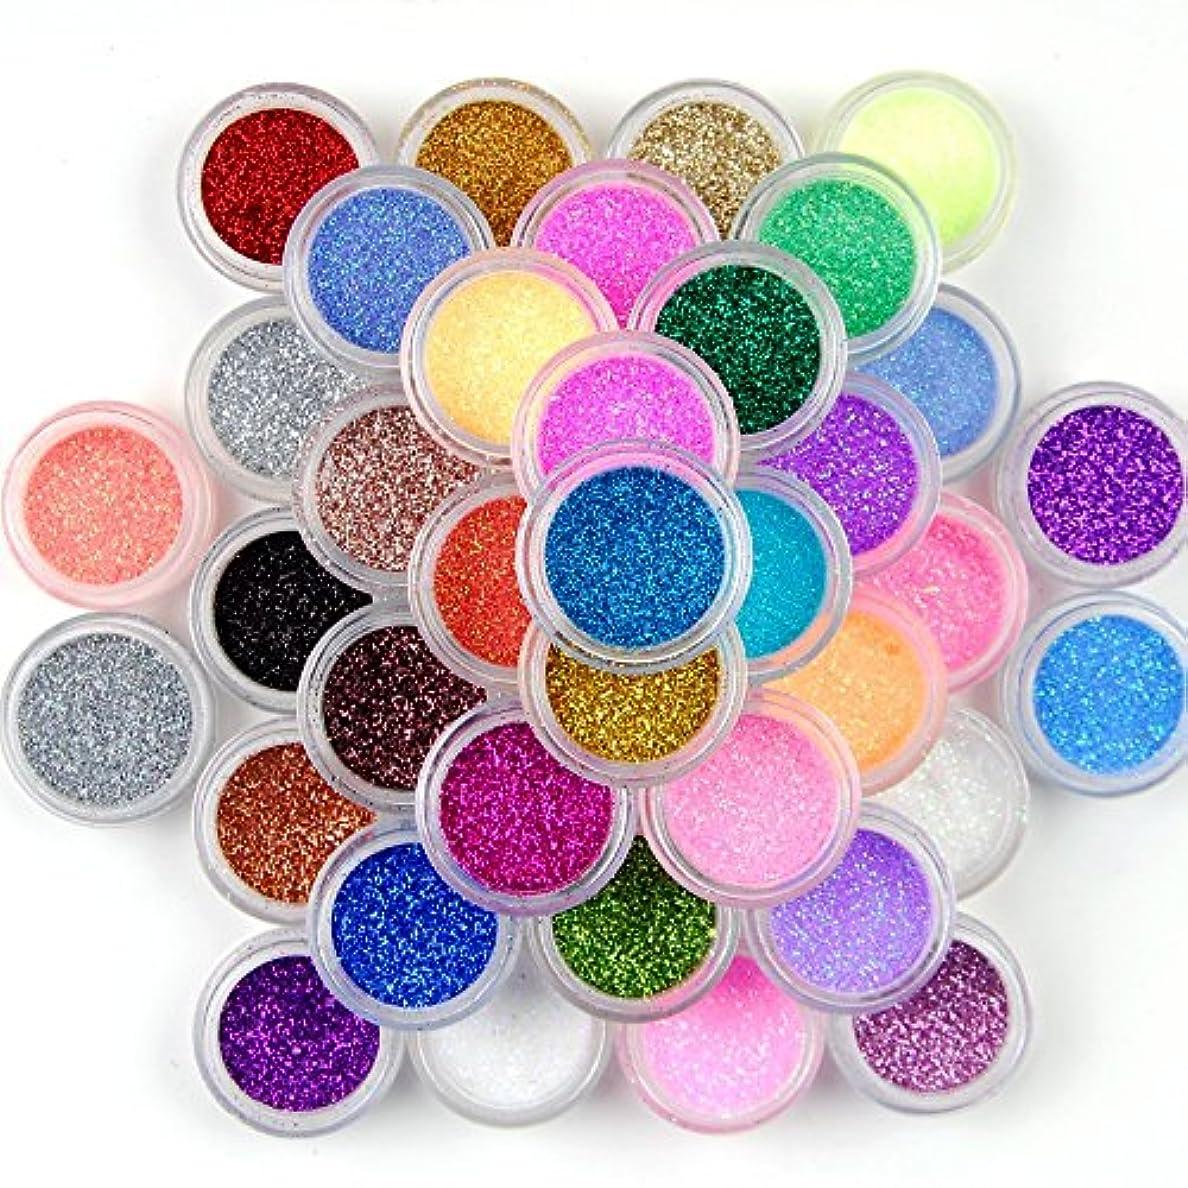 トイレ再撮りいらいらさせる12個ネイルアートDust Glitter Powder DIY装飾ヒント、色ランダム